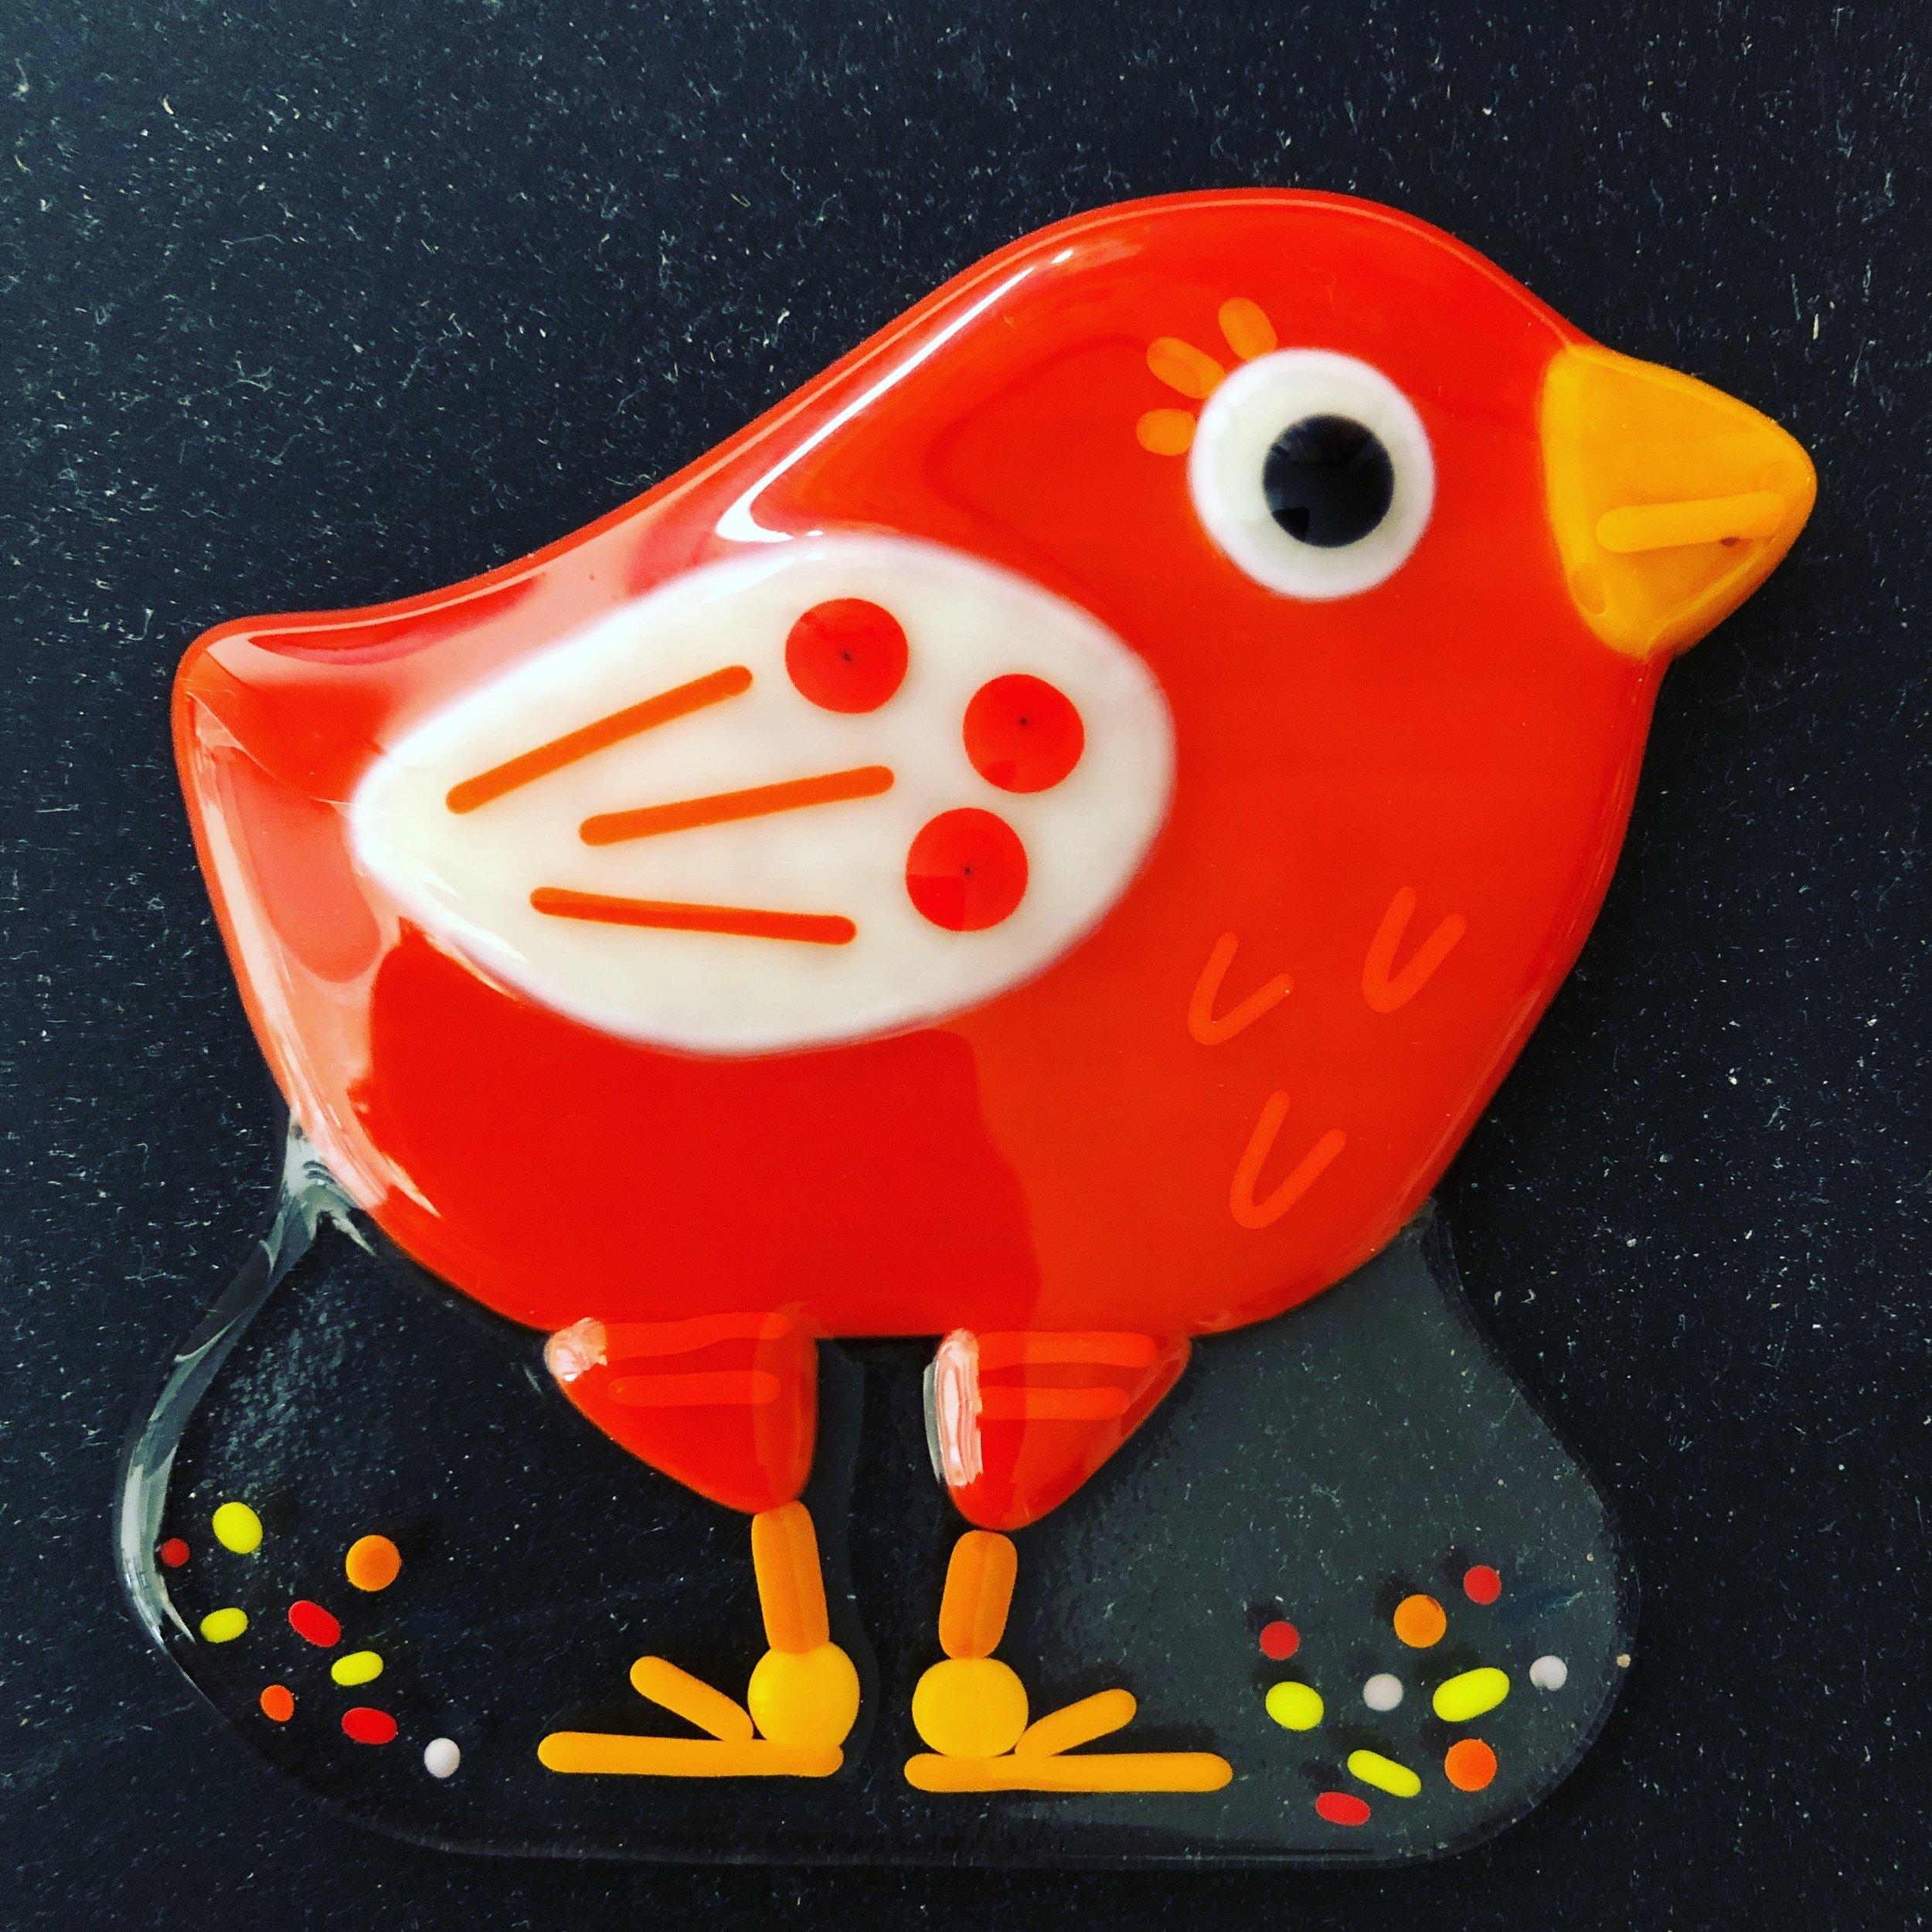 Terri Griffin glass art 3 - redbird.JPG